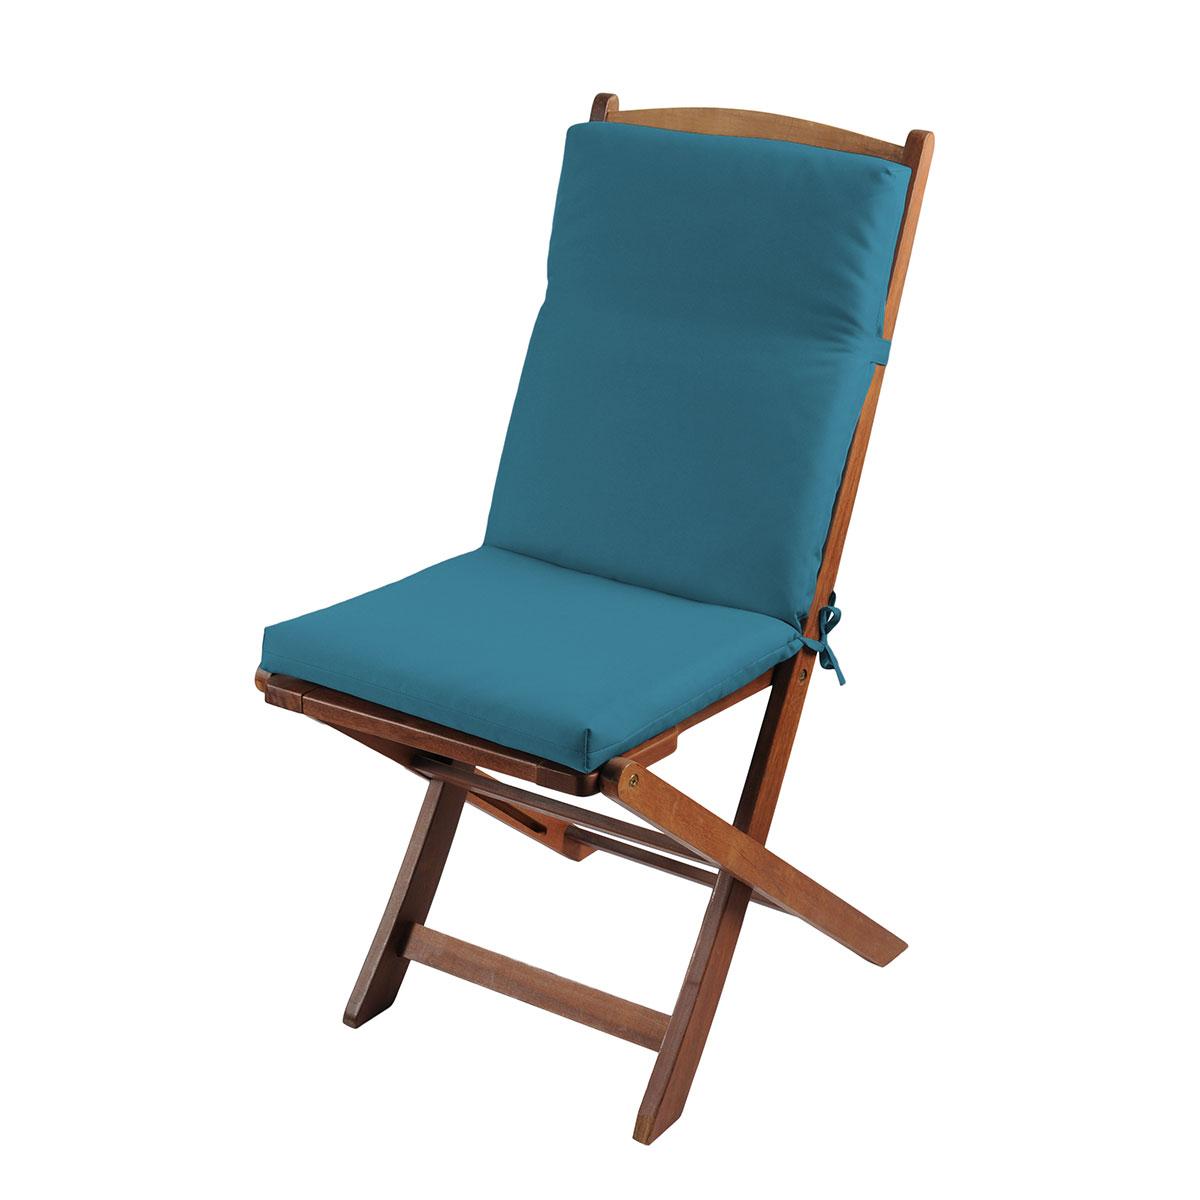 Coussin de fauteuil outdoor coloré - Canard - 40 x 90 cm